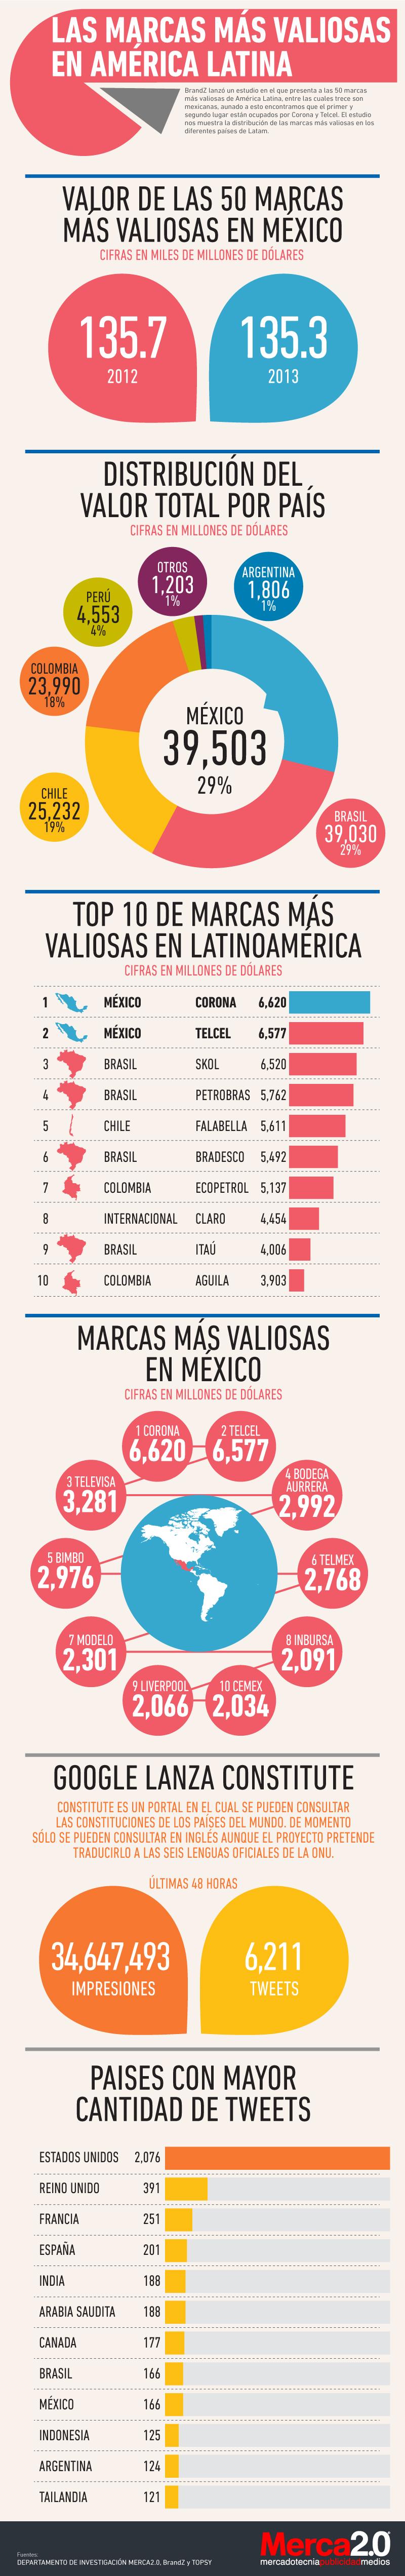 marcas mas valiosas en America Latina